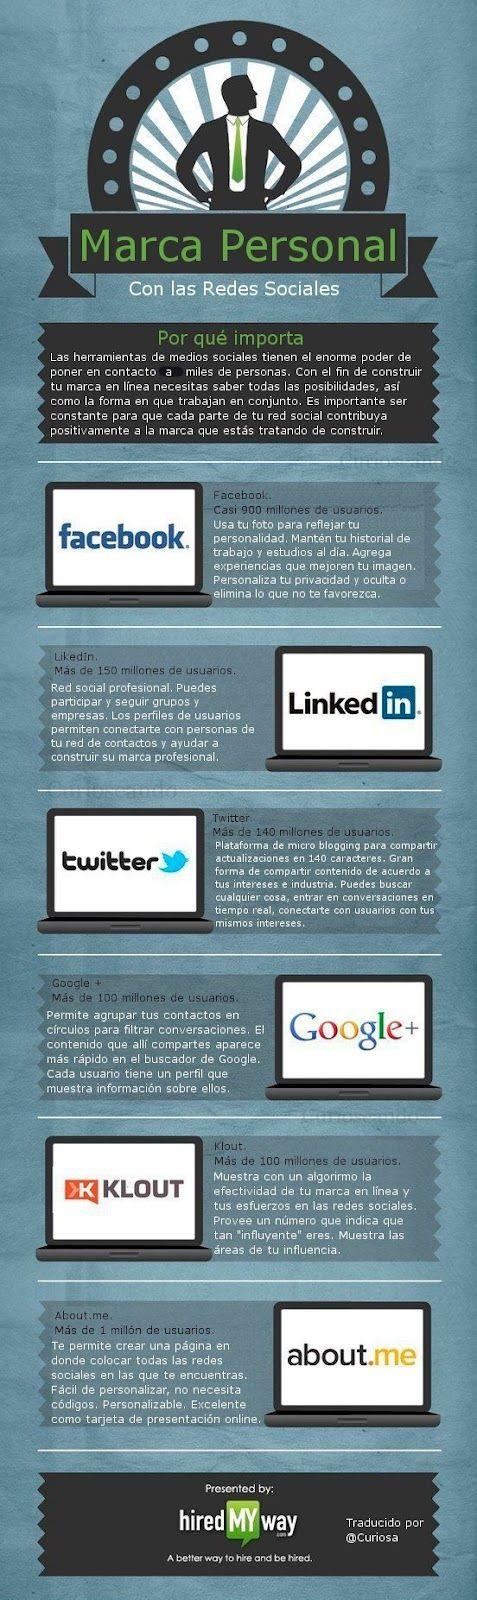 Qué hacer en las redes sociales para crear tu marca personal. Infografía.